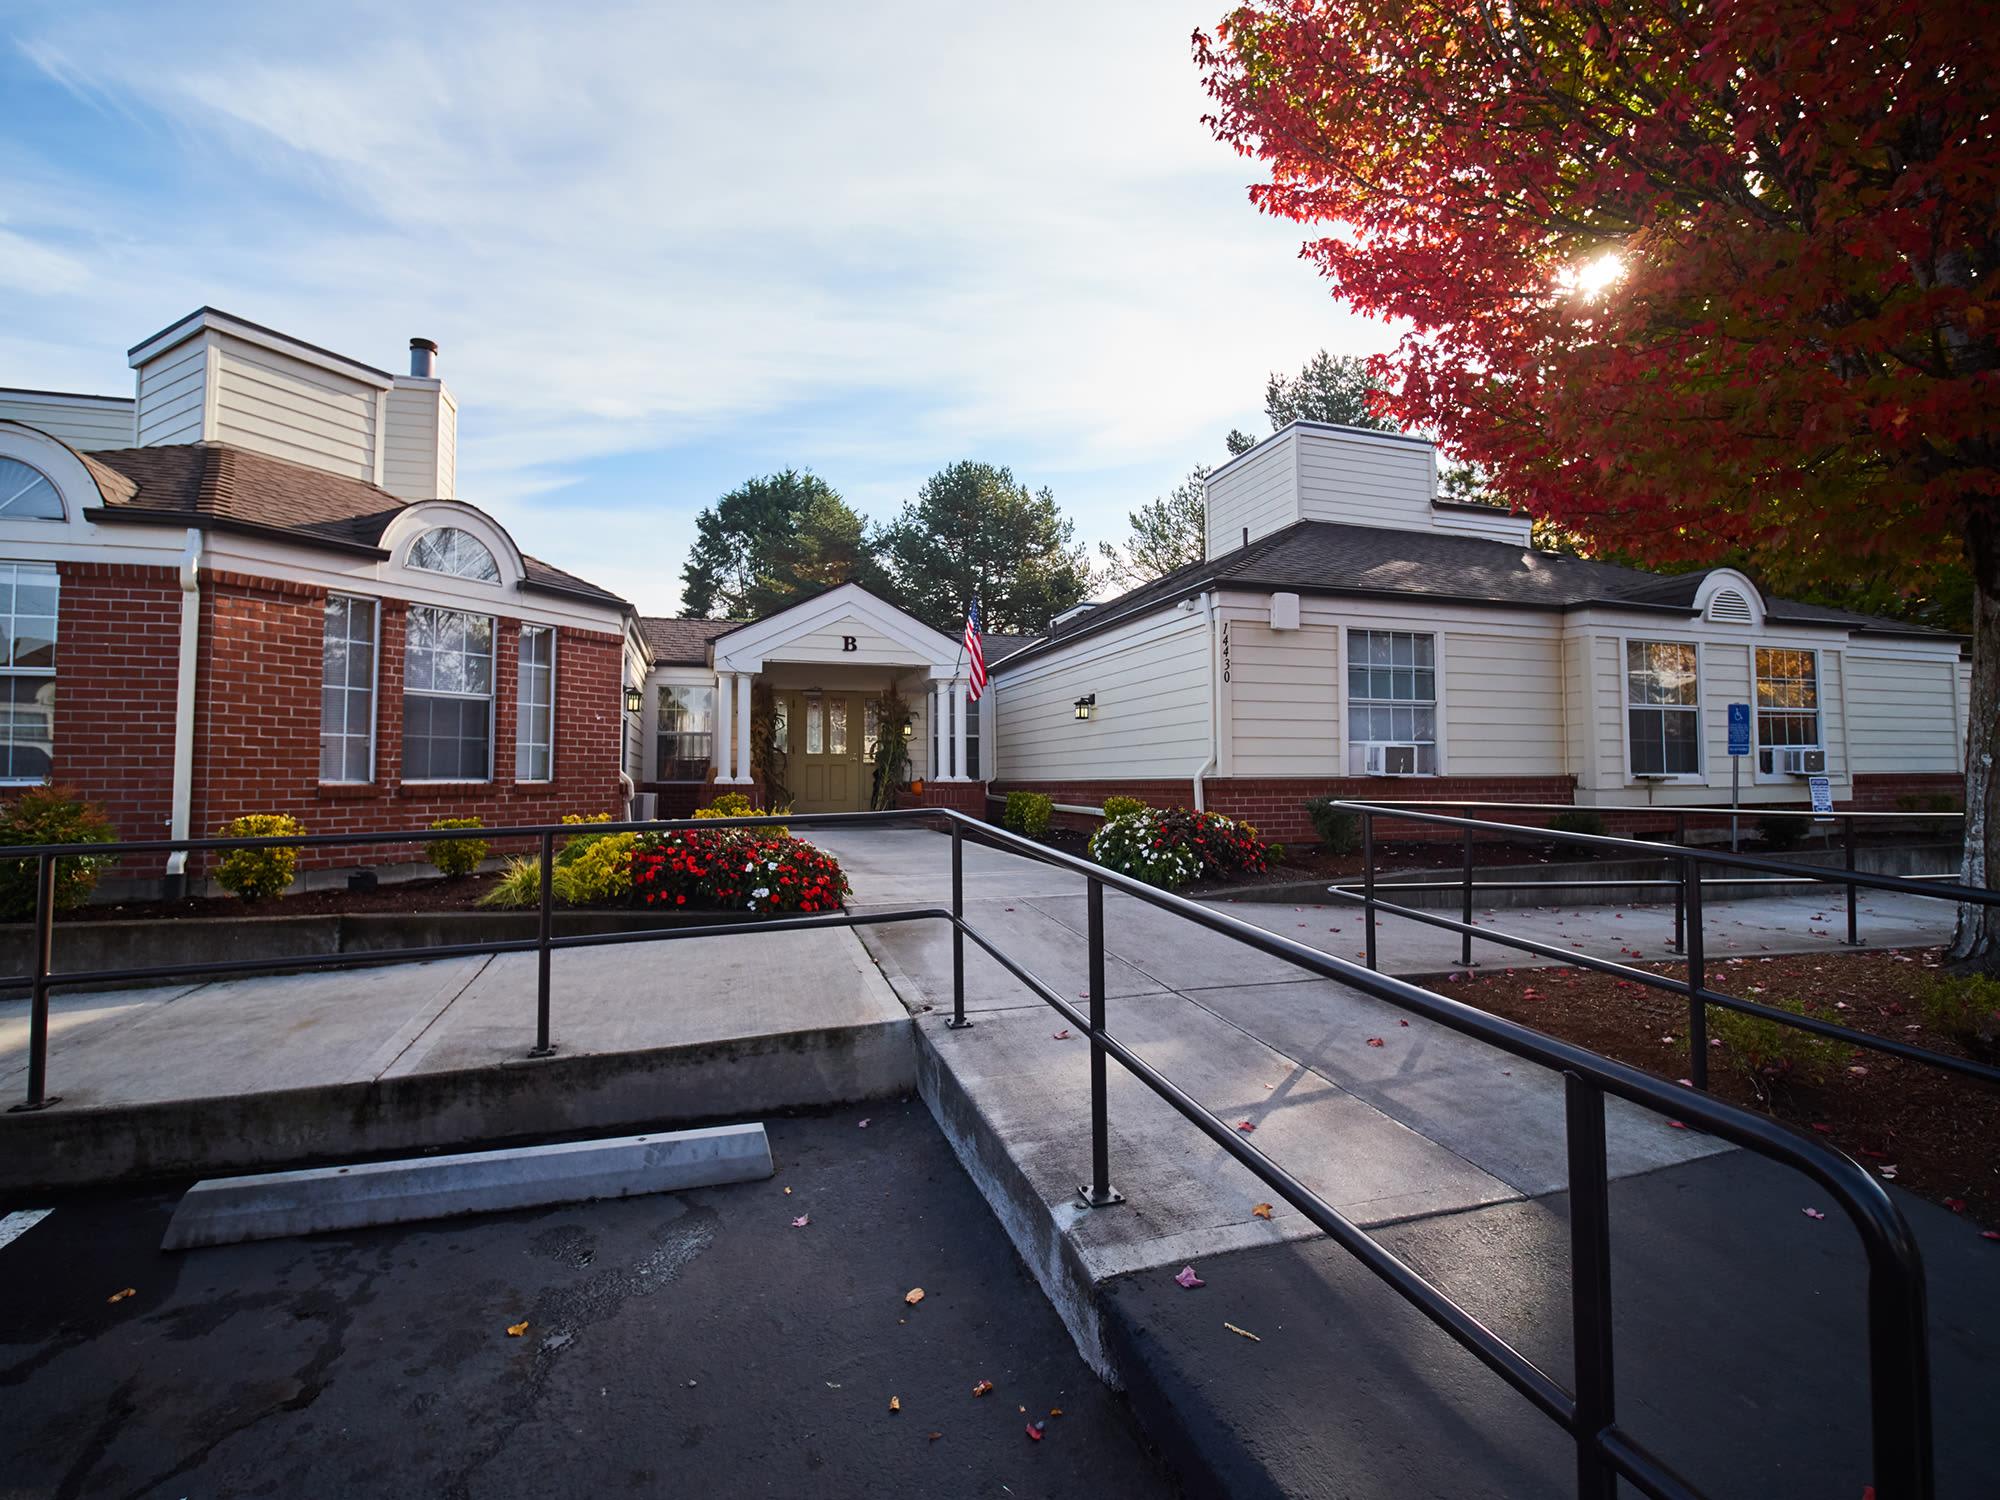 Main entrance to New Dawn Memory Care in Colorado Springs, Colorado